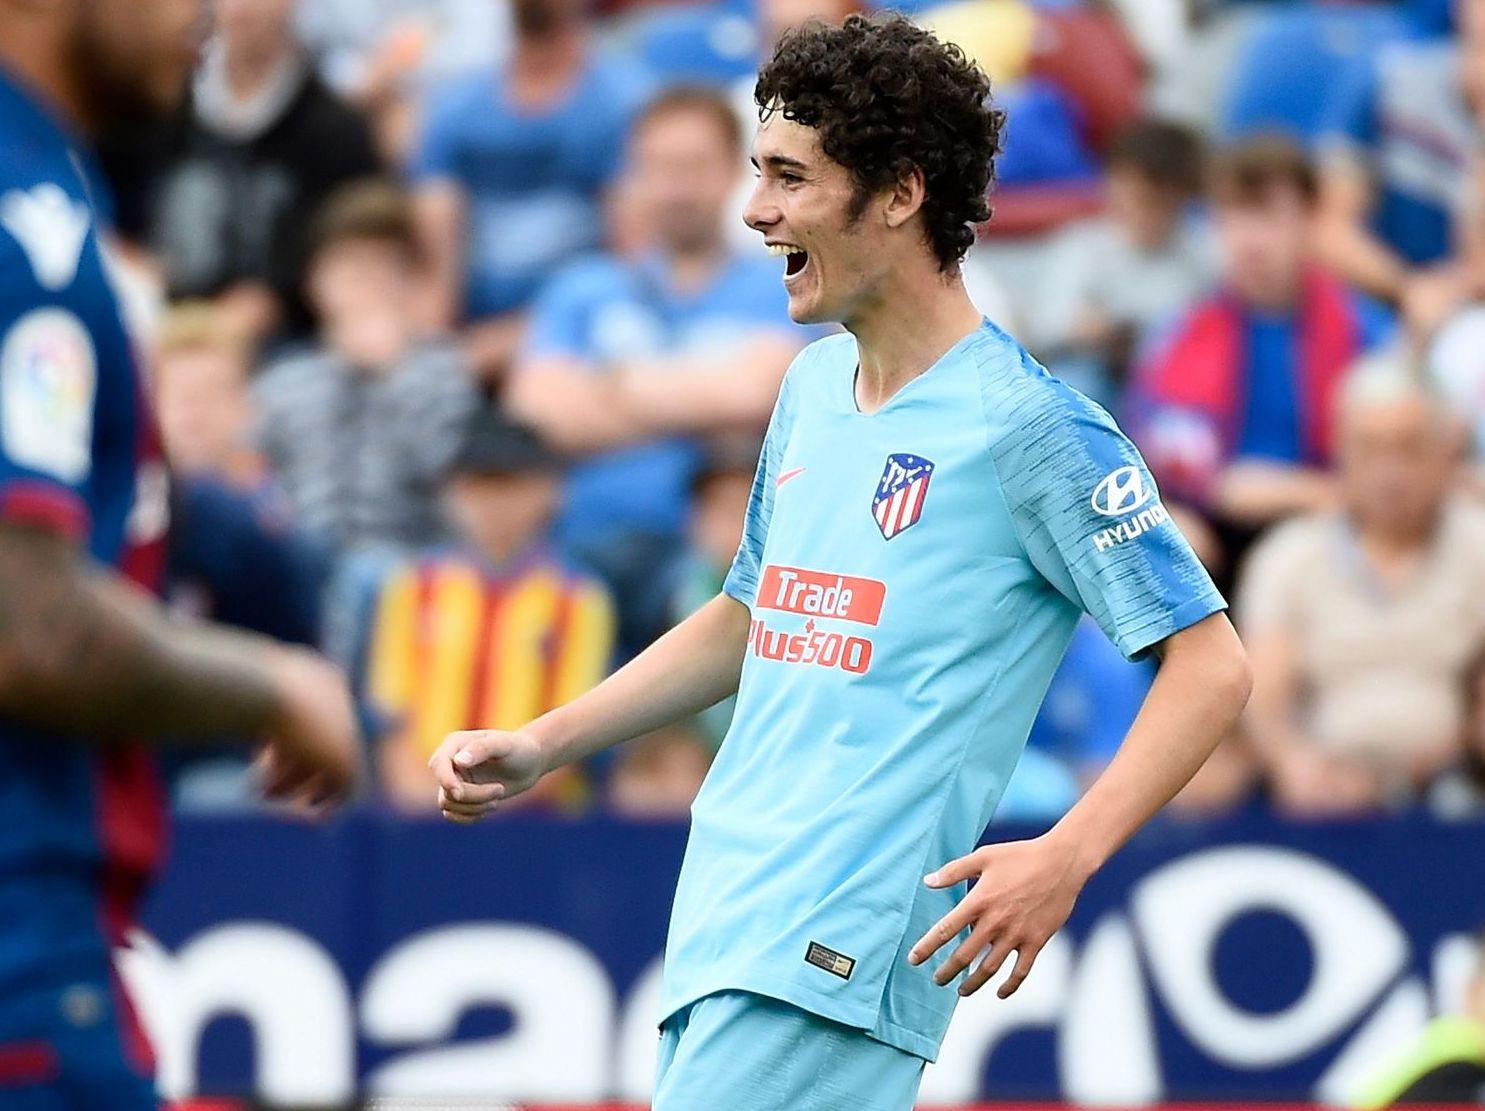 Sergio Camello celebrando su gol con el primer equipo al Levante la pasada campaña